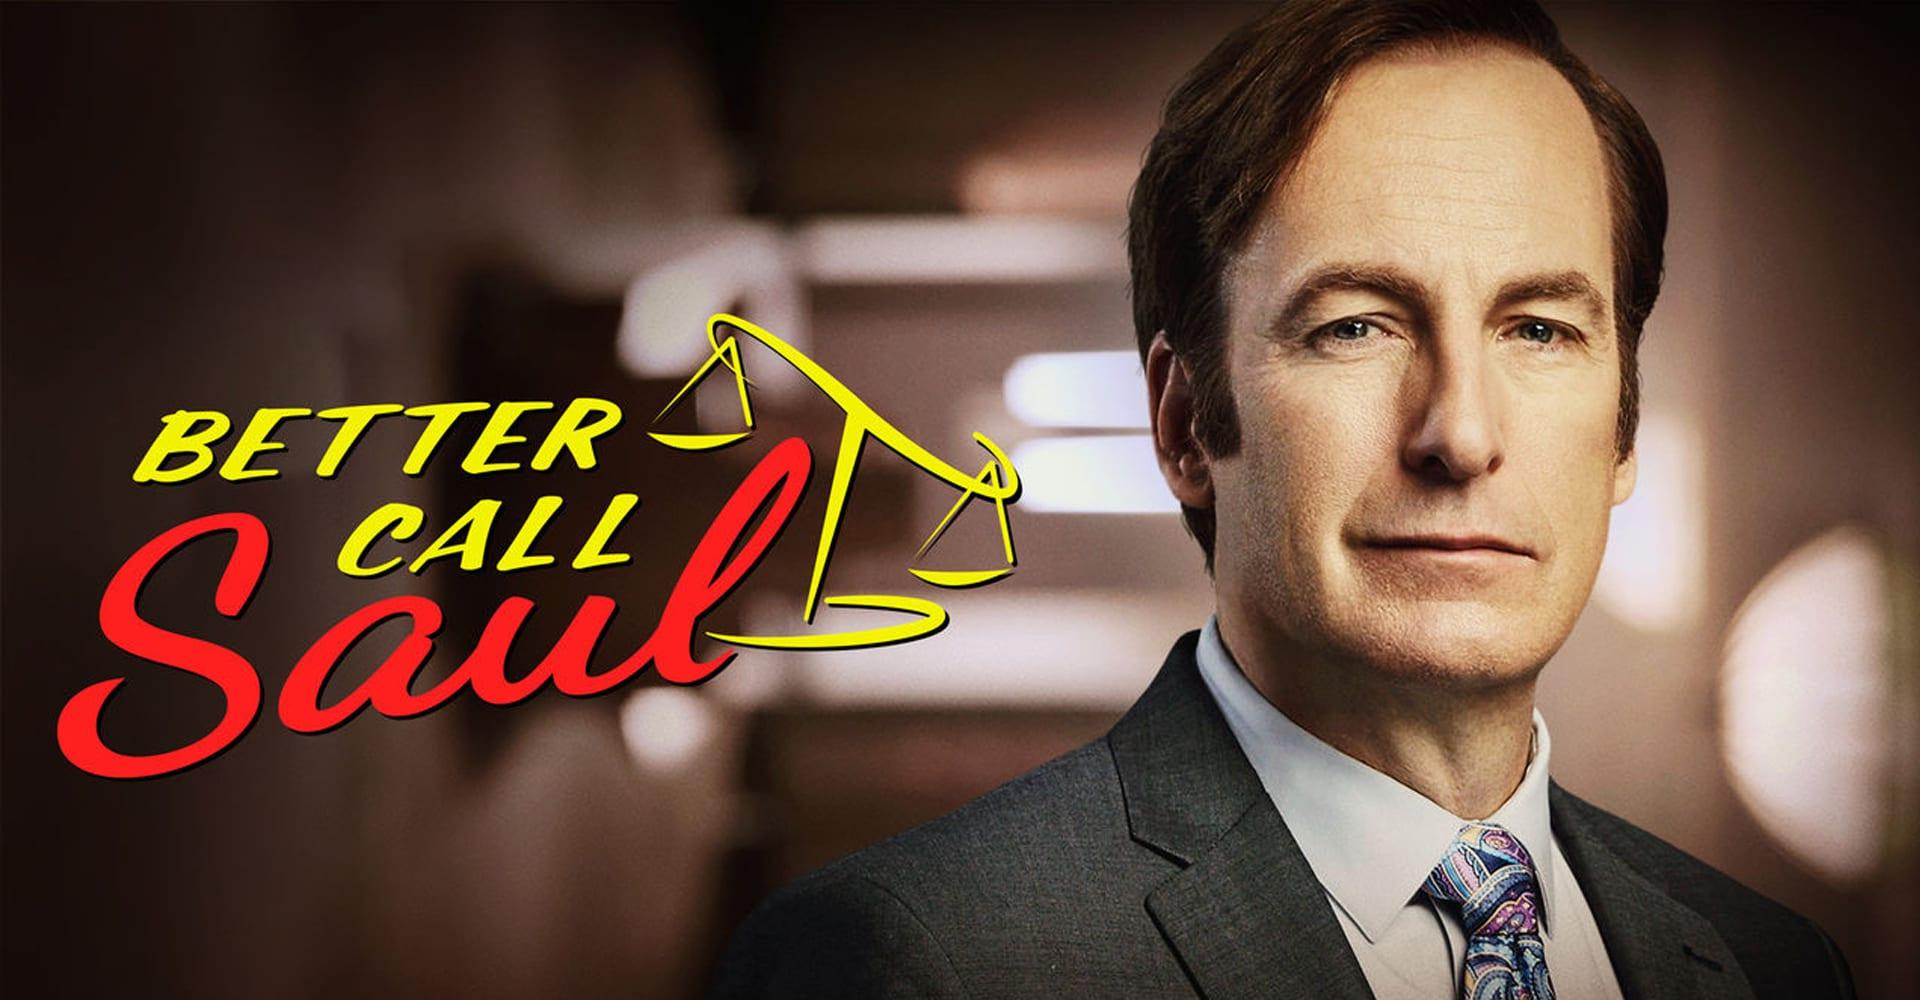 Better Call Saul: l'inizio delle riprese nel 2021 per la sesta stagione